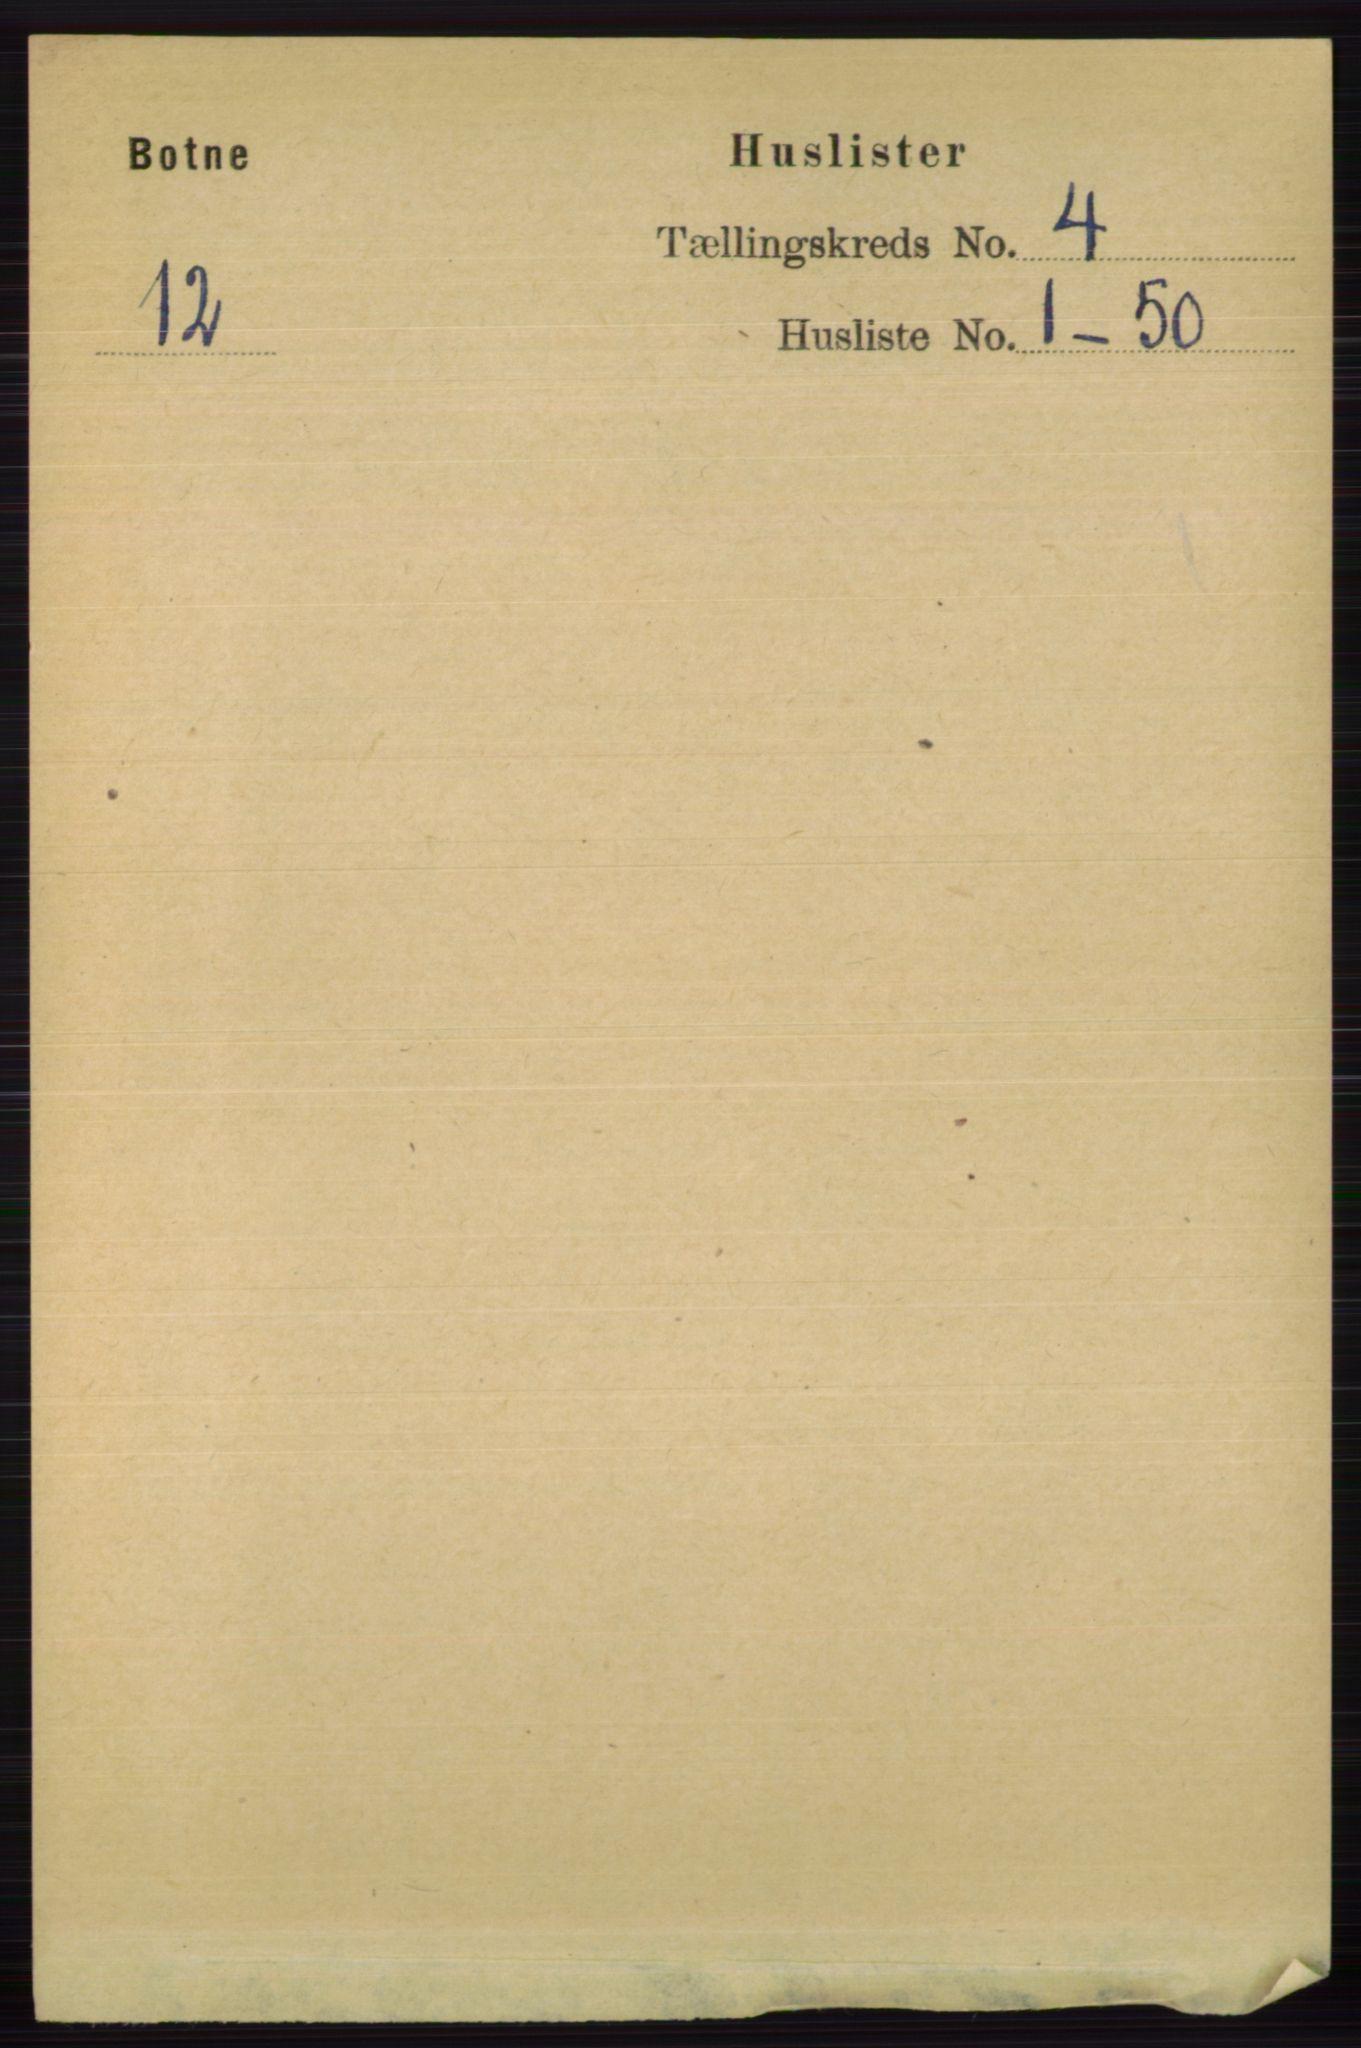 RA, Folketelling 1891 for 0715 Botne herred, 1891, s. 1543